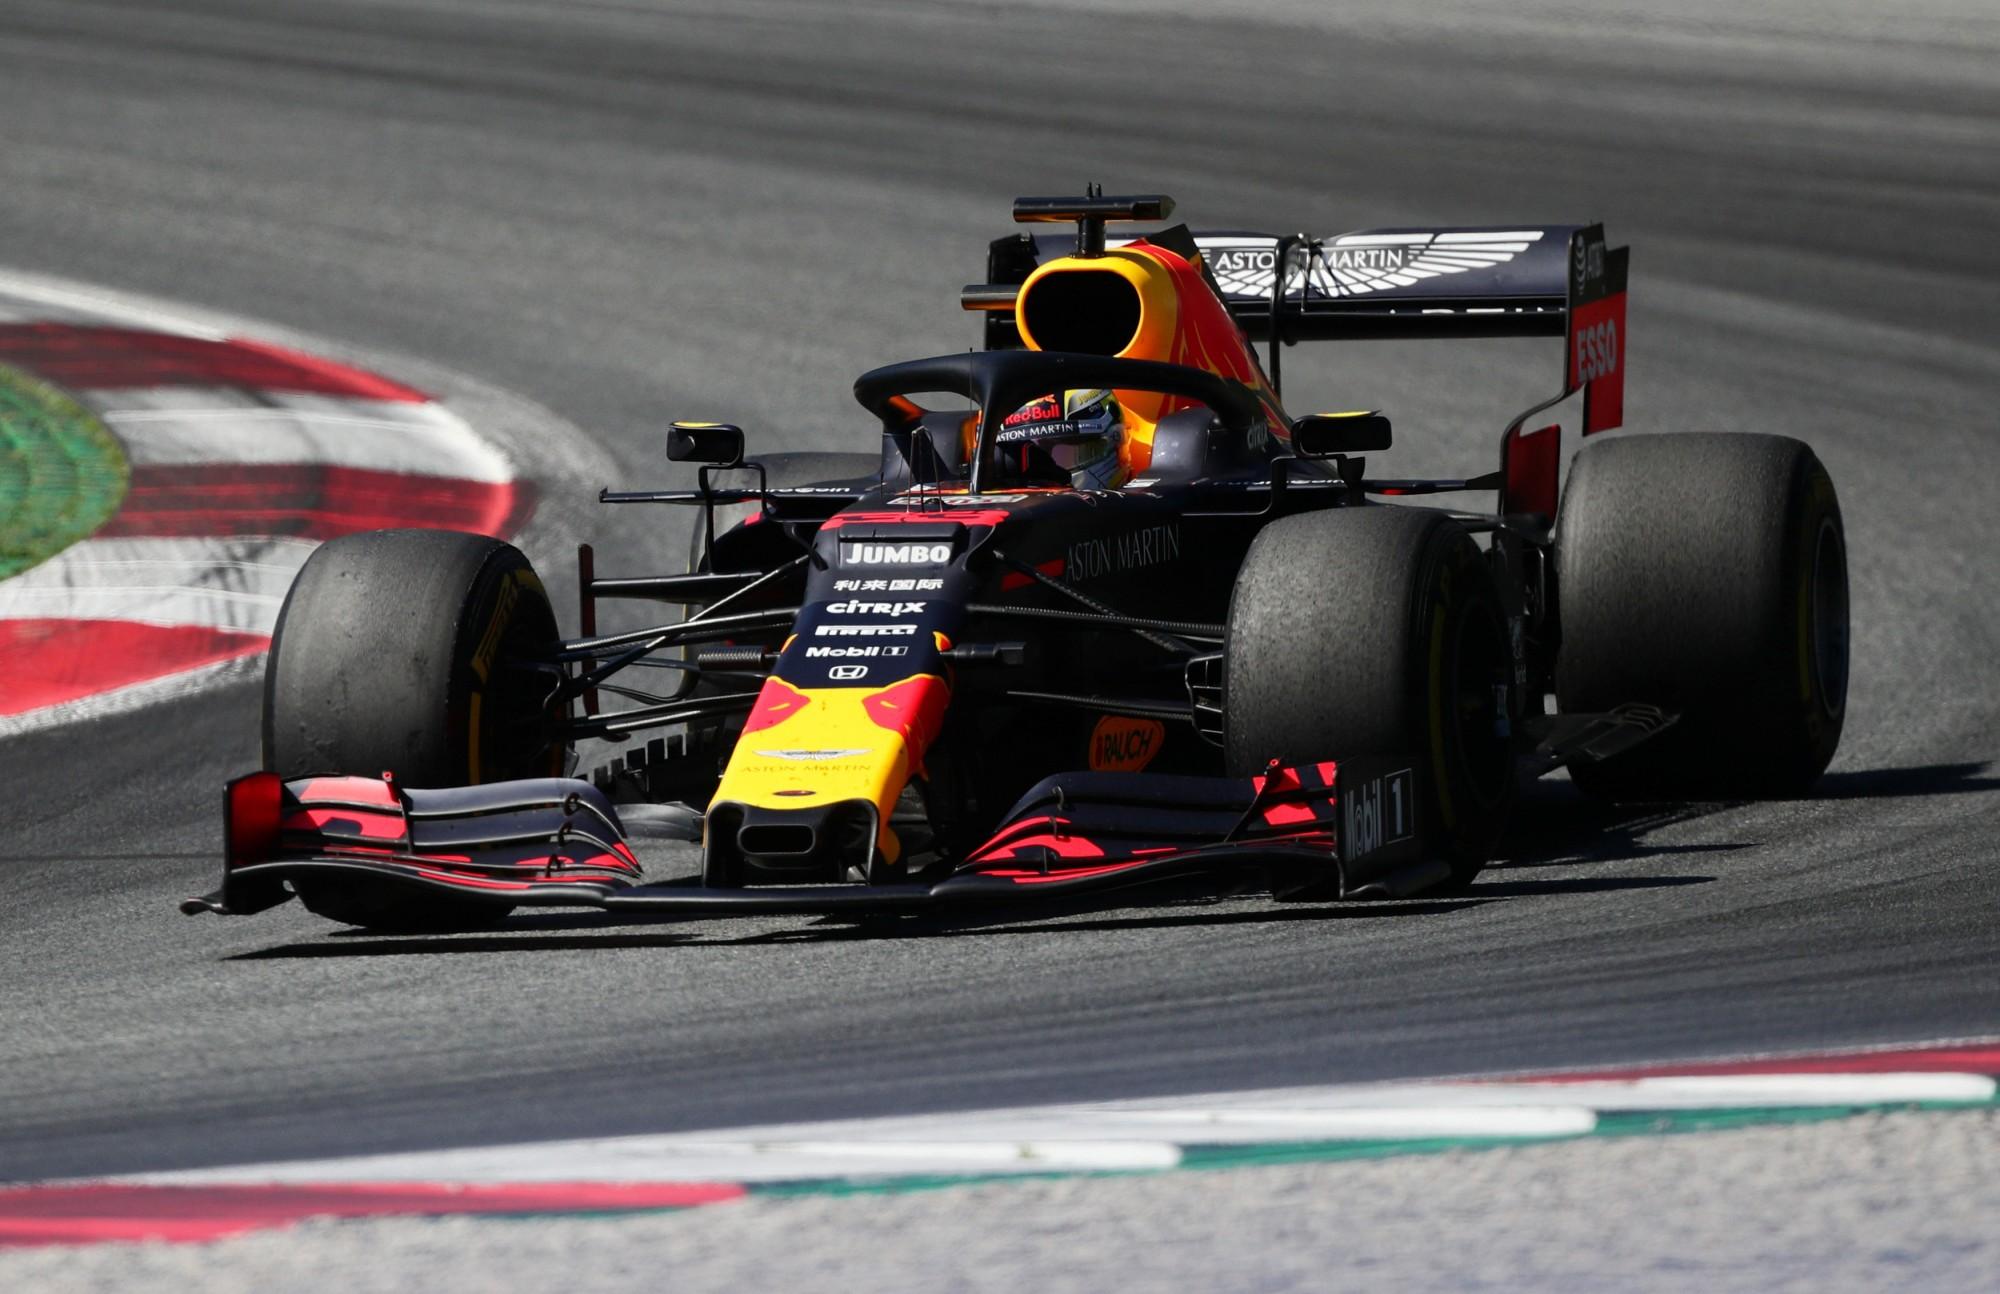 Verstappen Saya Tidak Bisa Membayangkan F1 Tanpa Grand Prix Inggris   blackxperience.com